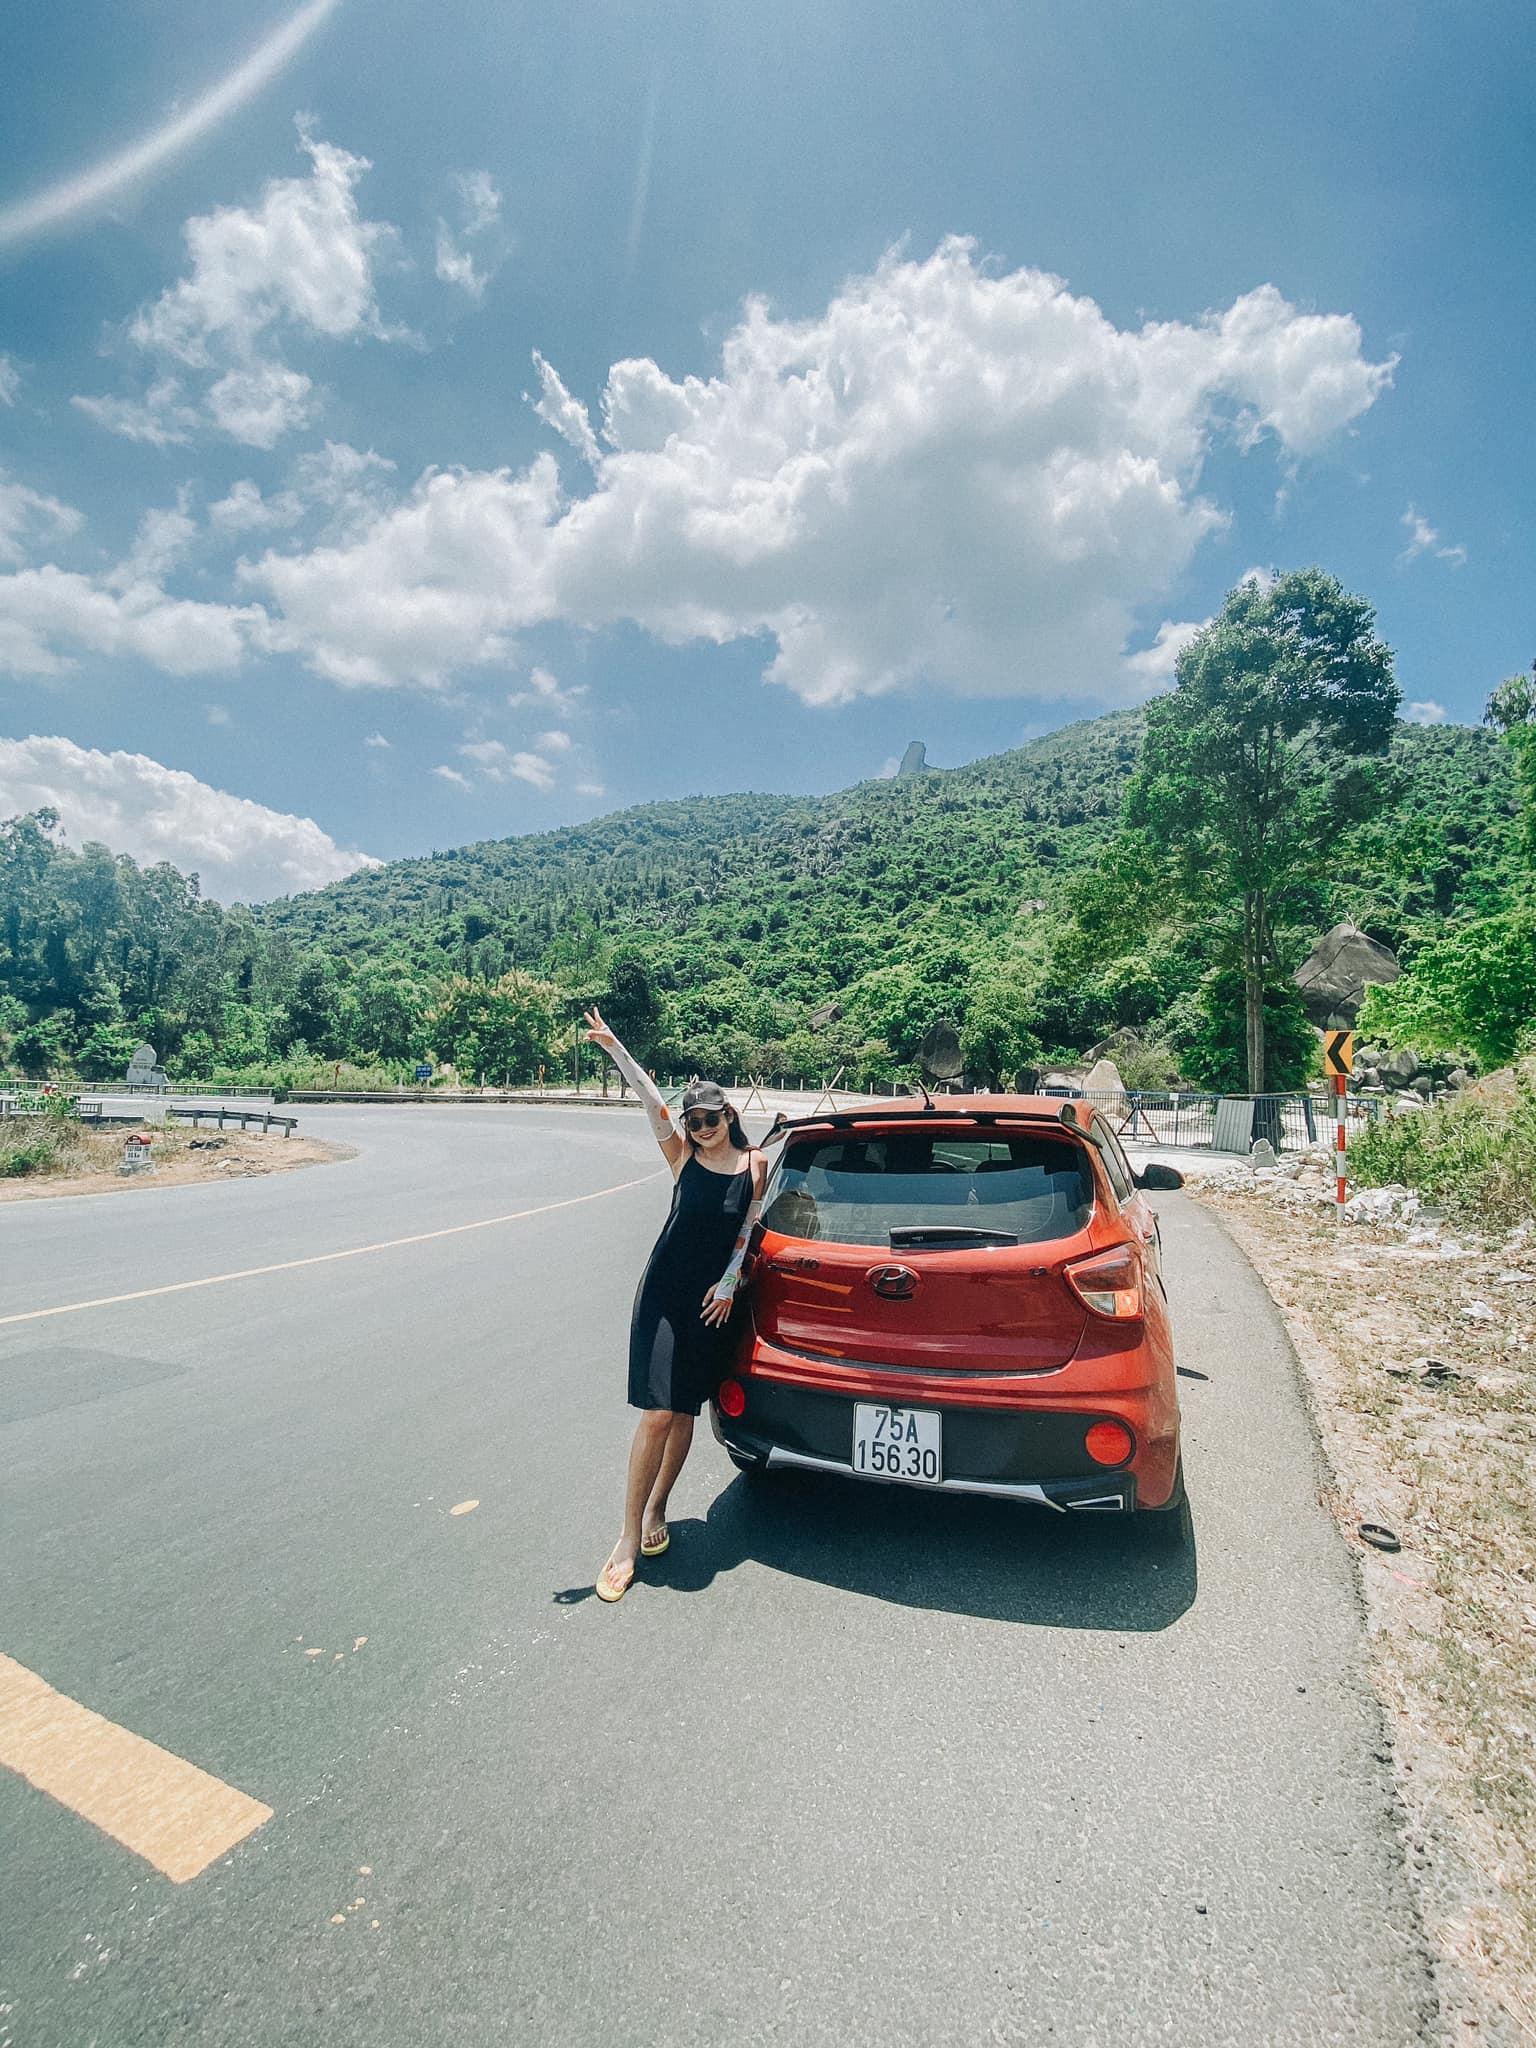 Đèo Cả - Núi Đá Dựng (đá xa xa kia, chụp lên bé xíu, ở ngoài bự chà bá)